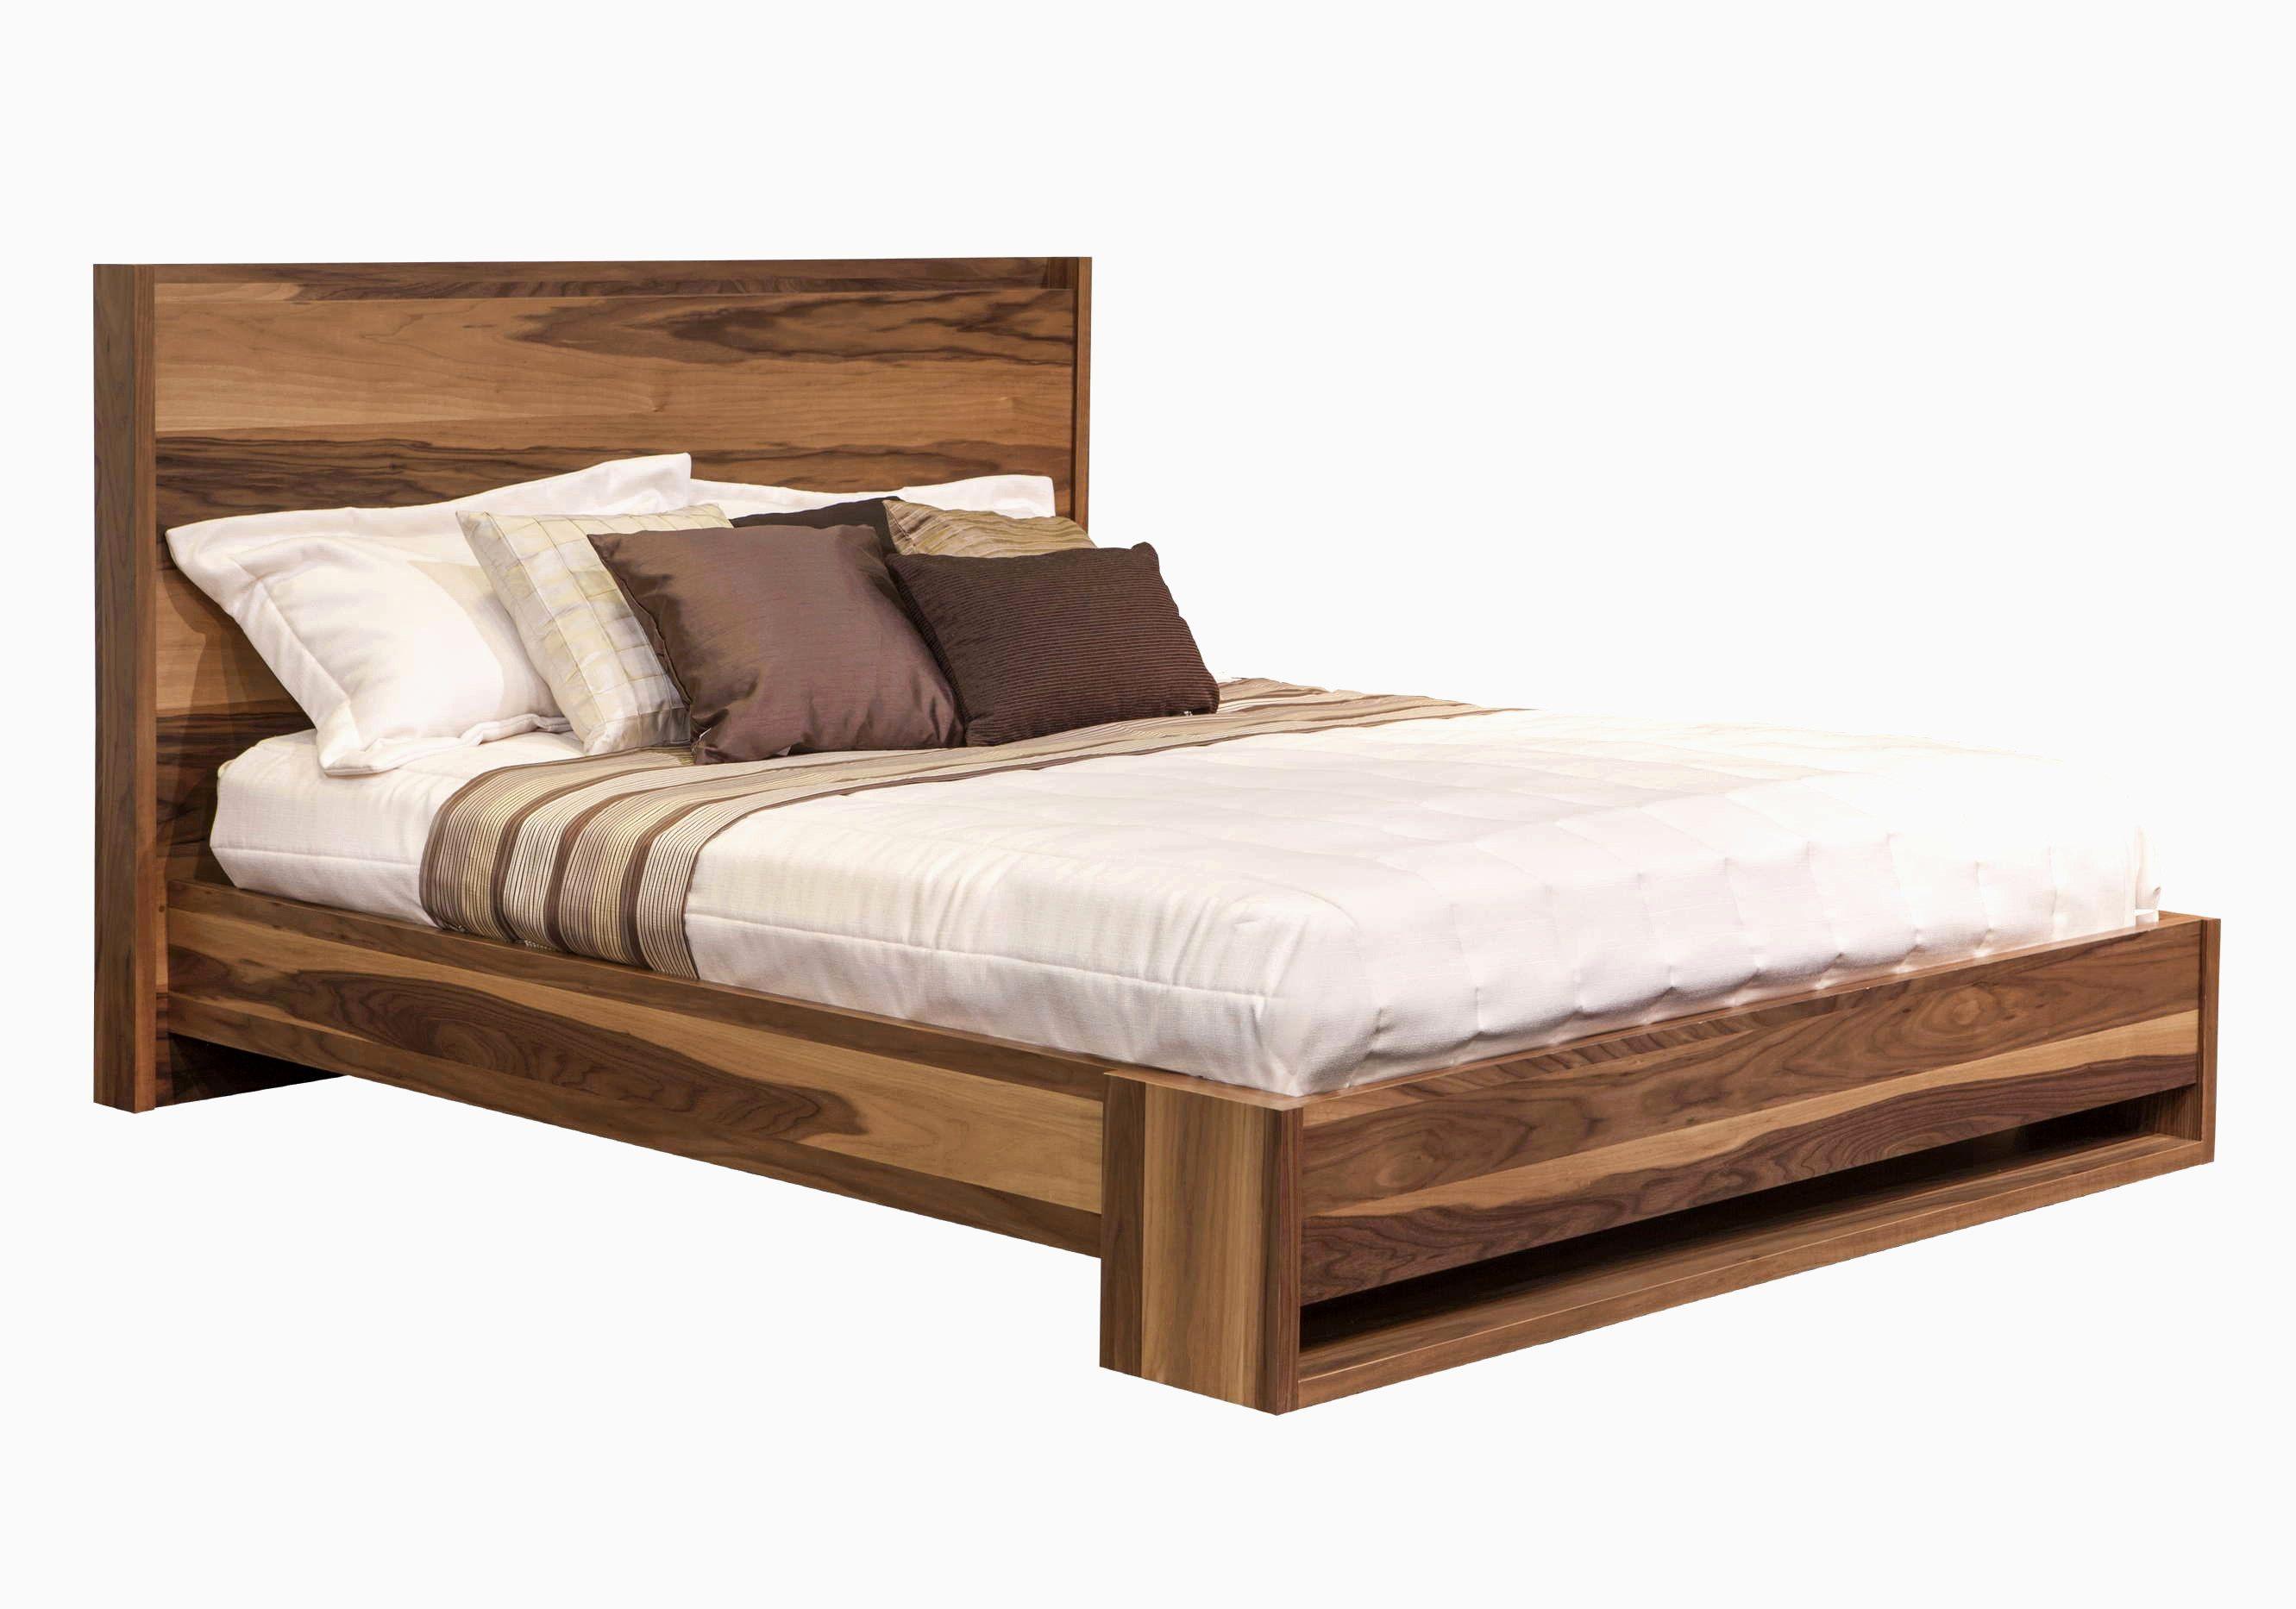 Lit 180×200 Bois Frais Tete De Lit 180 Bois Tete De Lit Ikea 180 Fauteuil Salon Ikea Fresh